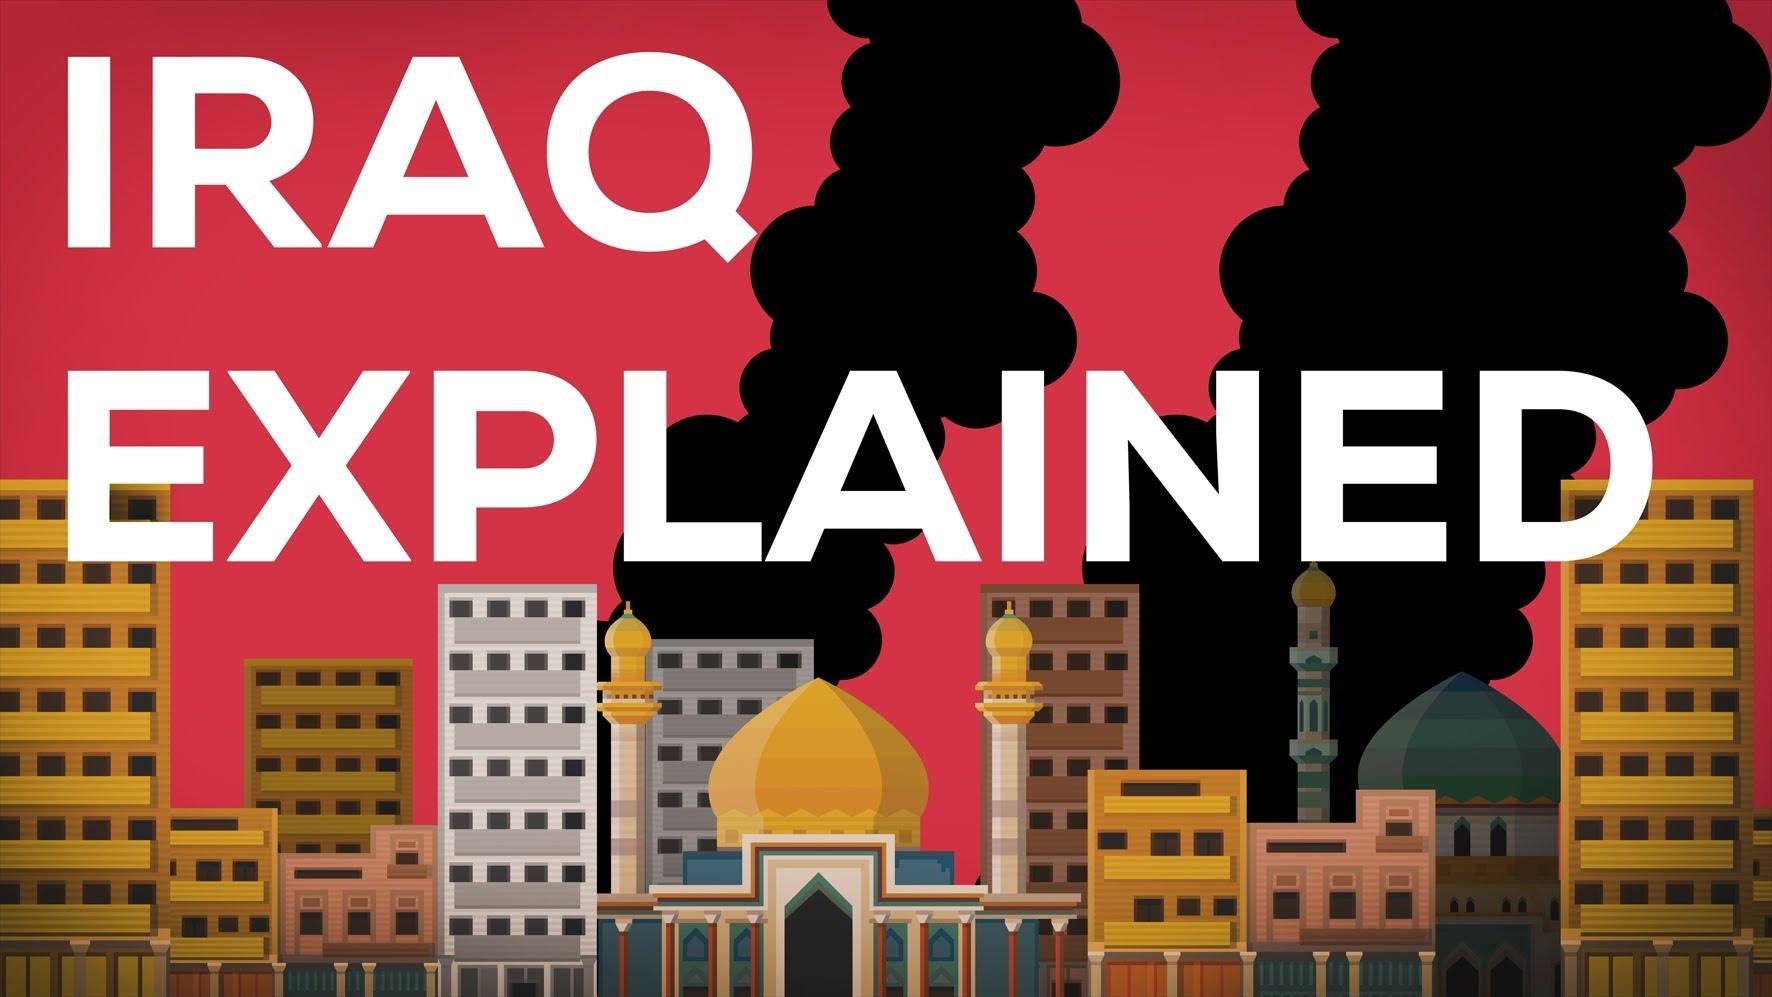 伊拉克危機簡史:ISIS、敘利亞、與戰爭